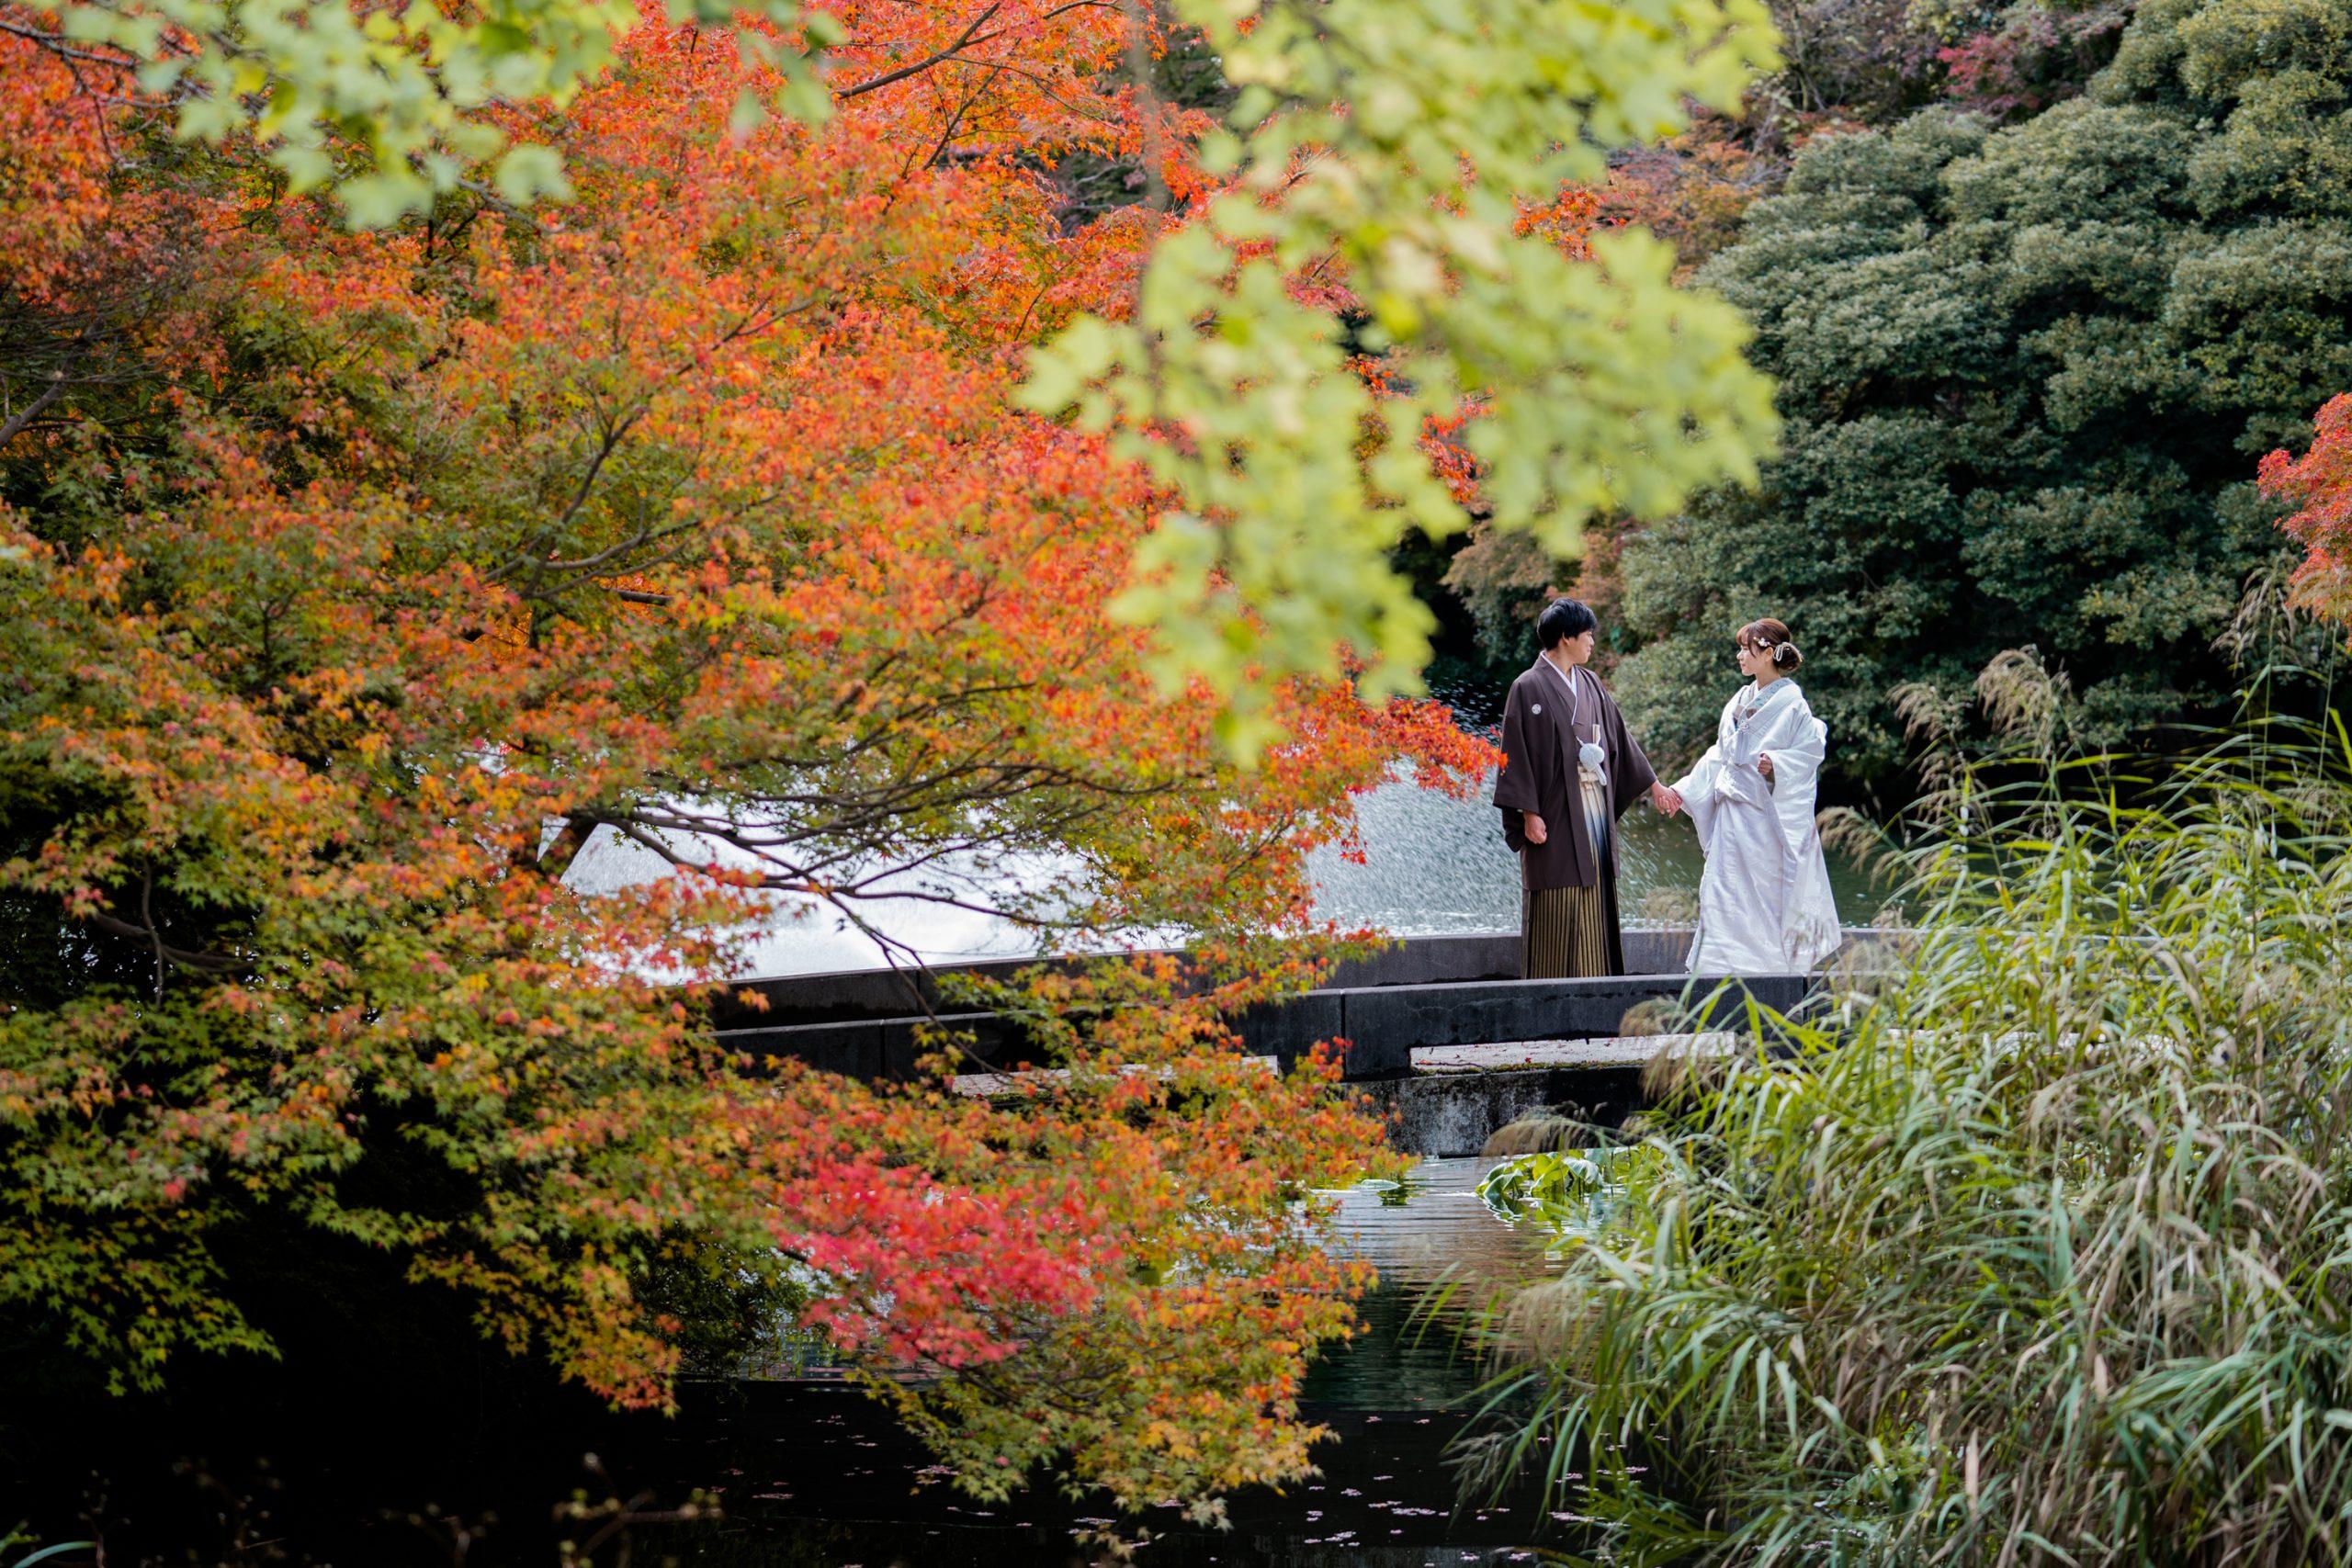 富山県高岡市古城公園の紅葉と新郎新婦の結婚式の前撮りフォトウェディングに撮影へ行ってきました